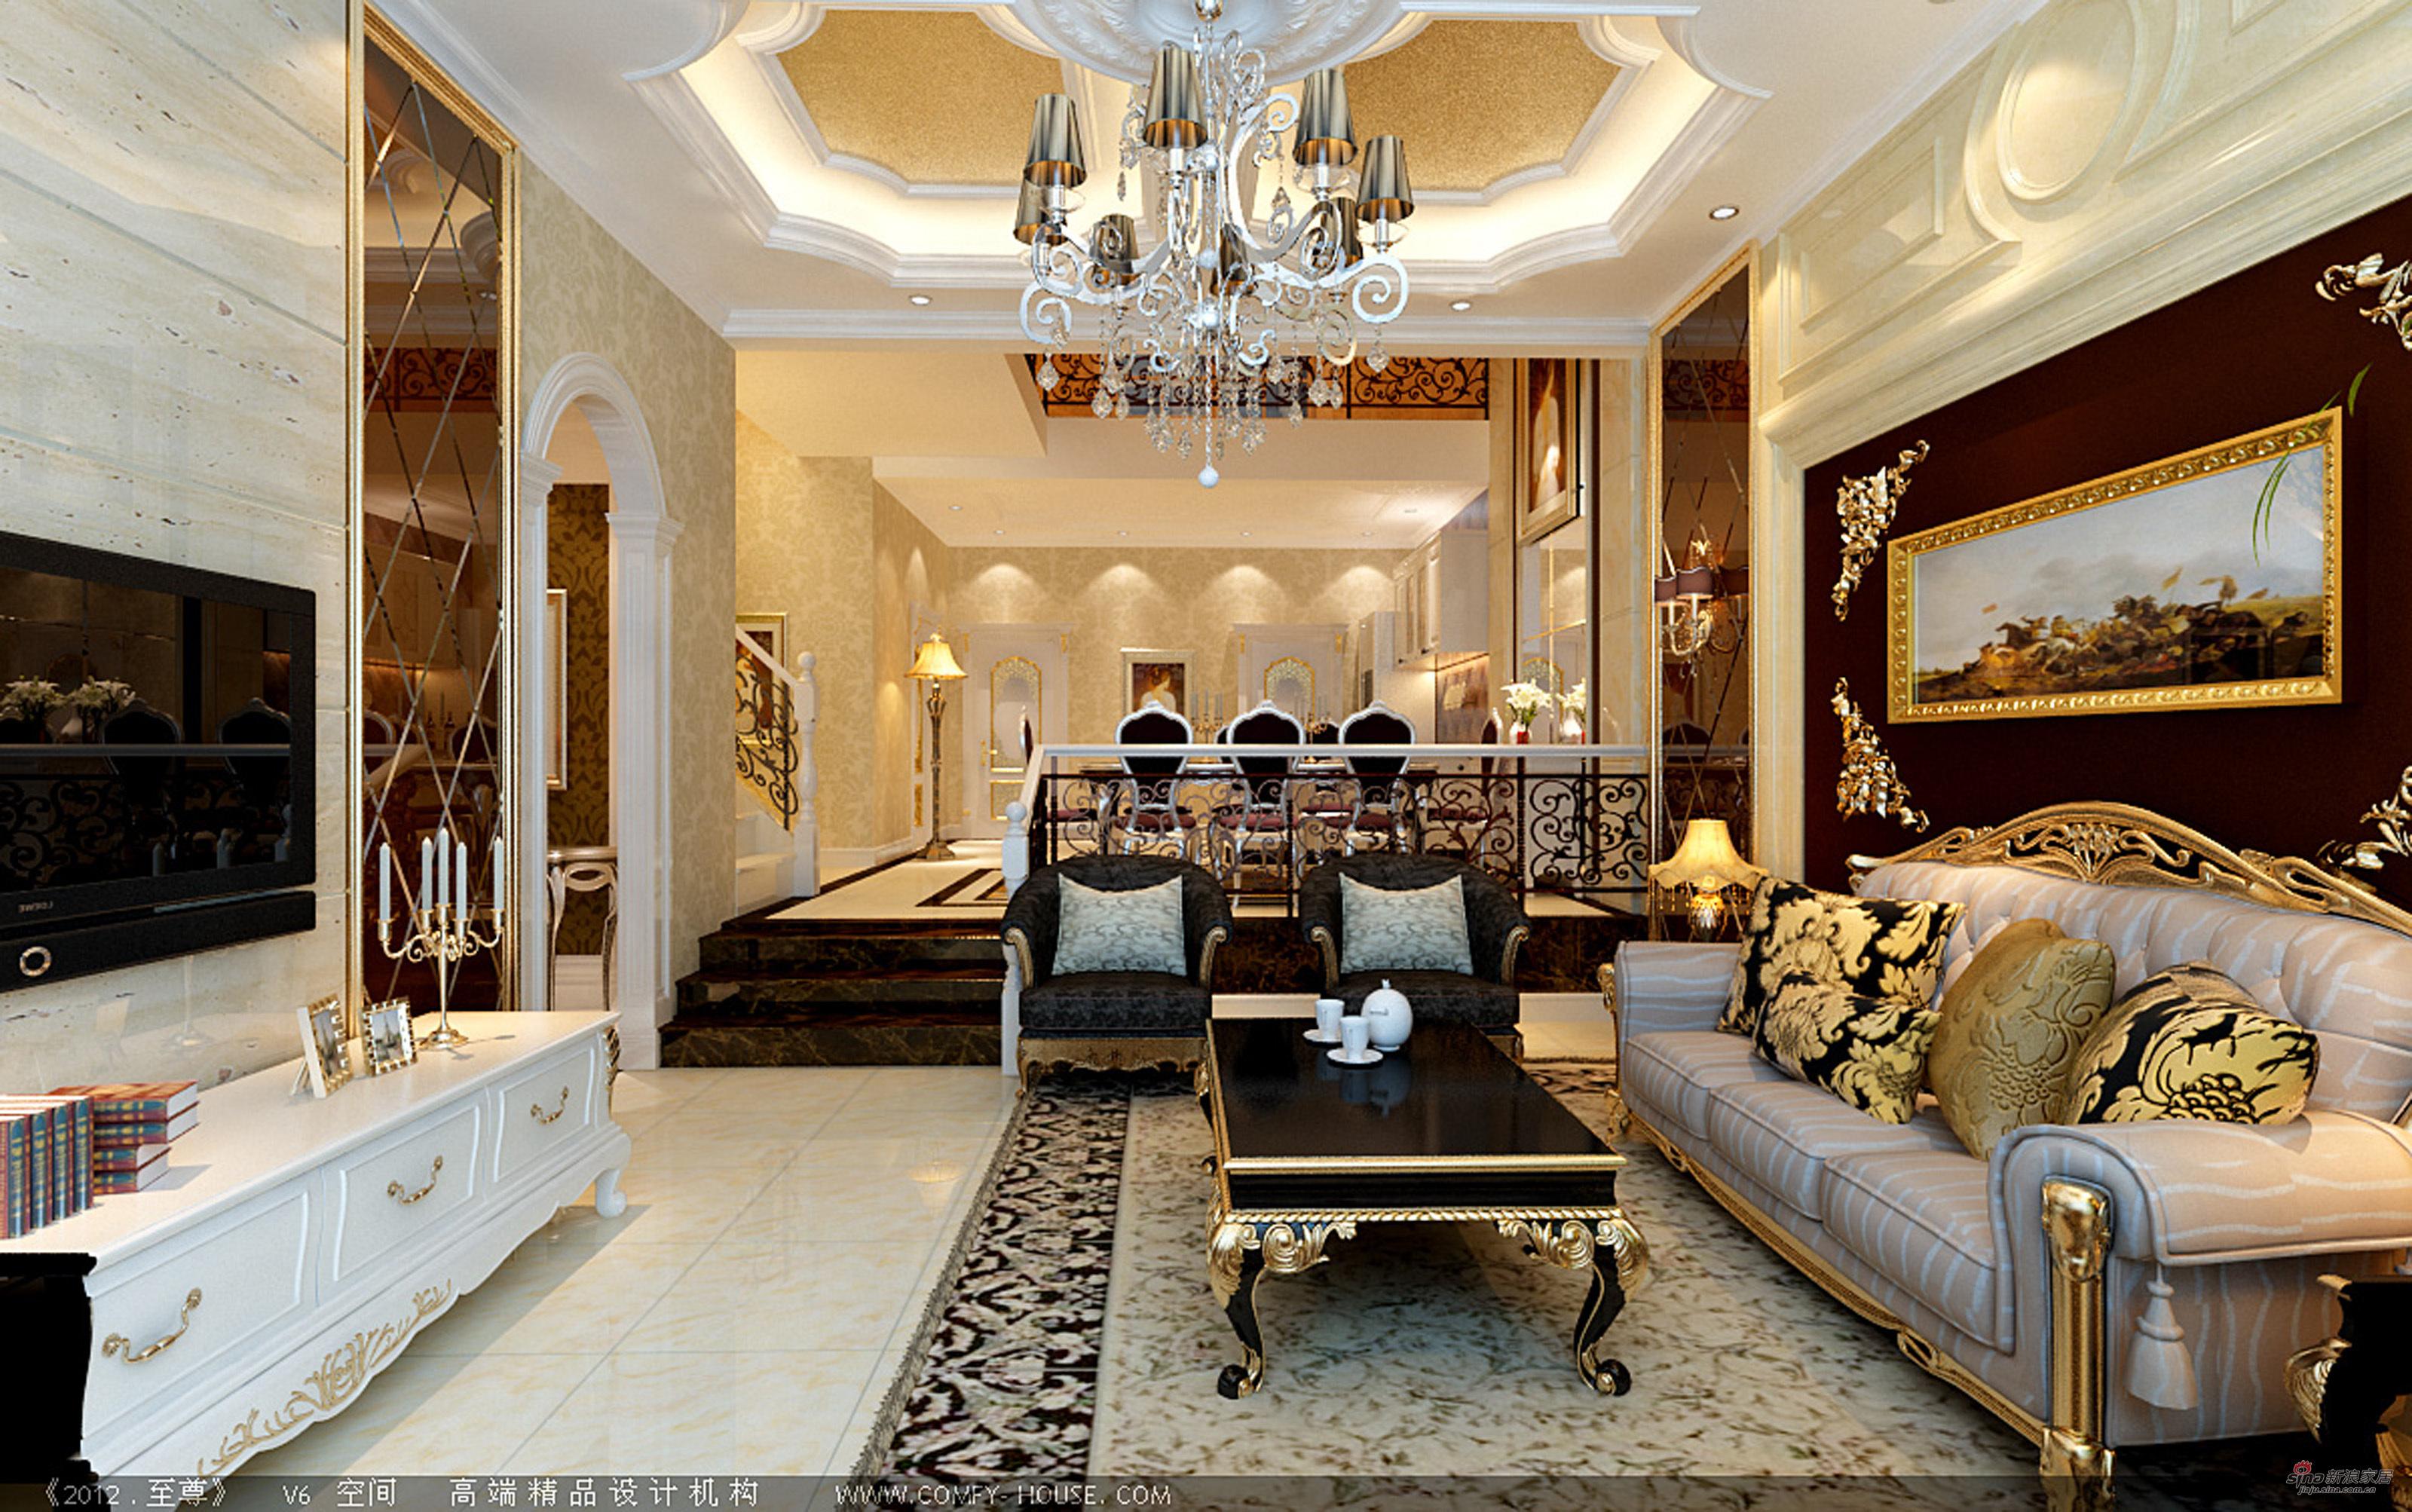 欧式别墅别墅用户来自图片2746953981在【高清】豪装300平客厅欧式大连市别墅区图片